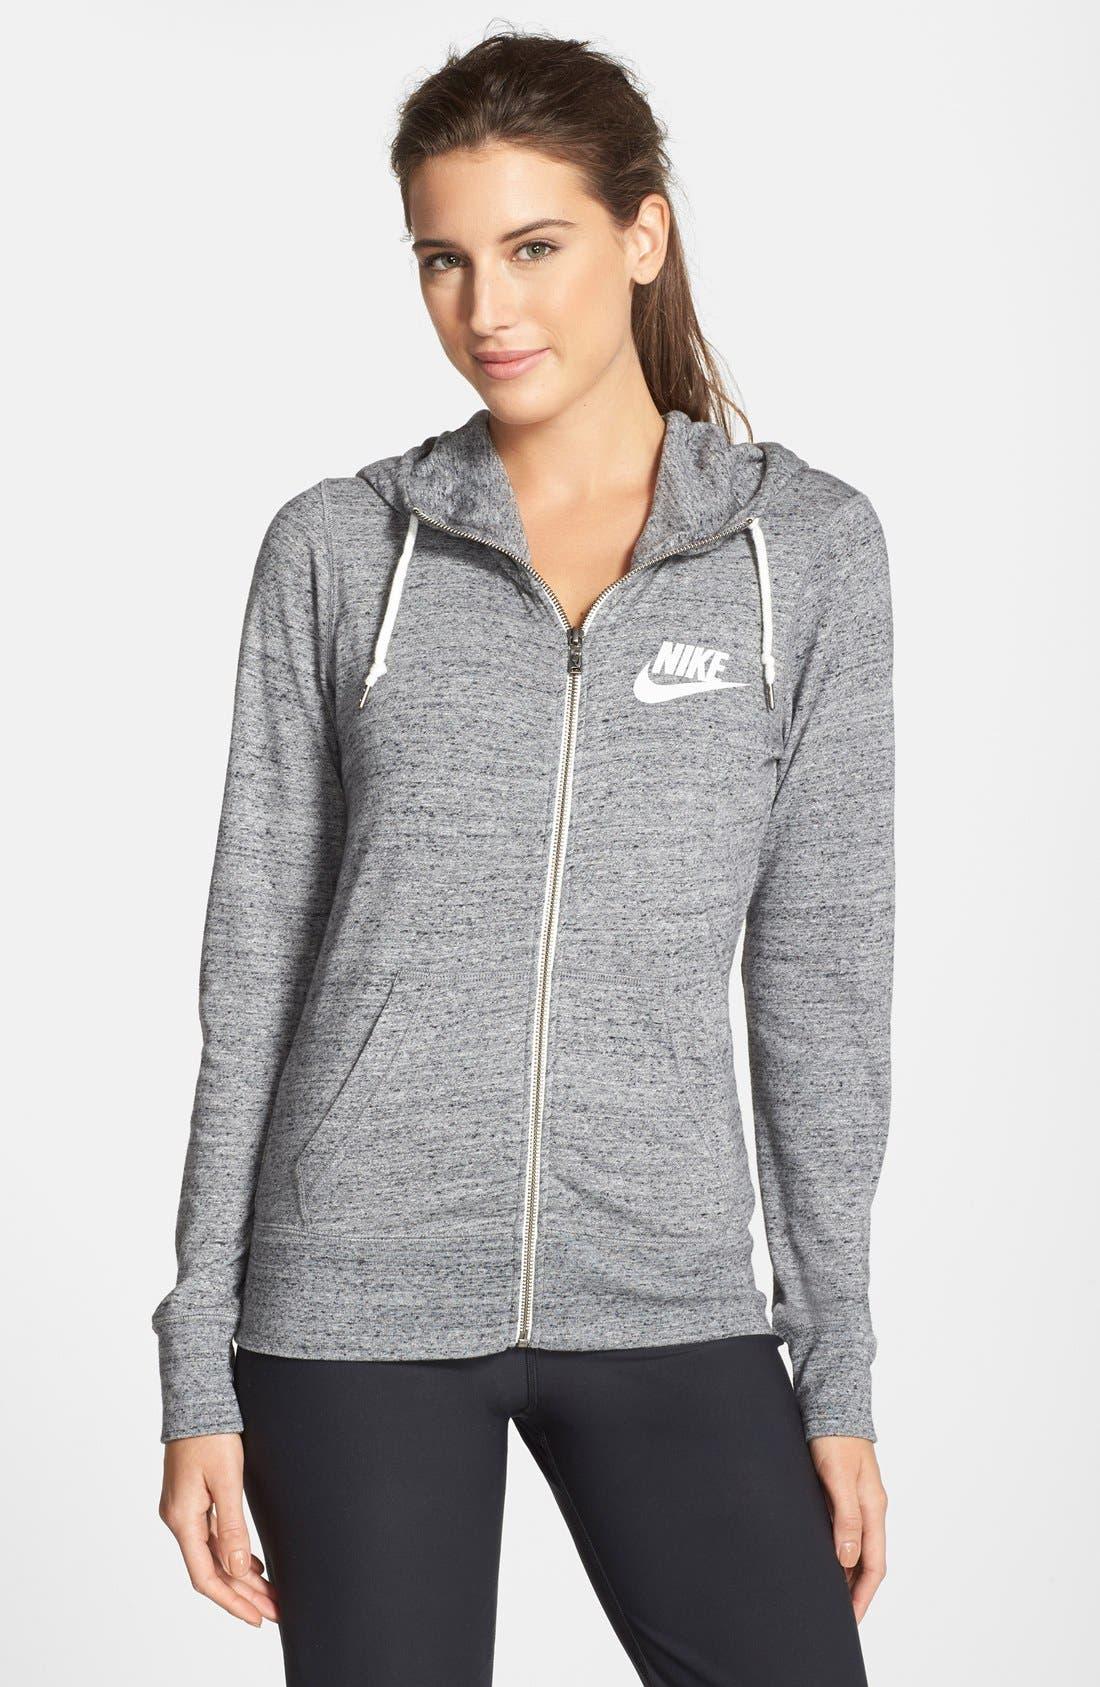 Alternate Image 1 Selected - Nike 'Gym Vintage' Zip Front Hoodie